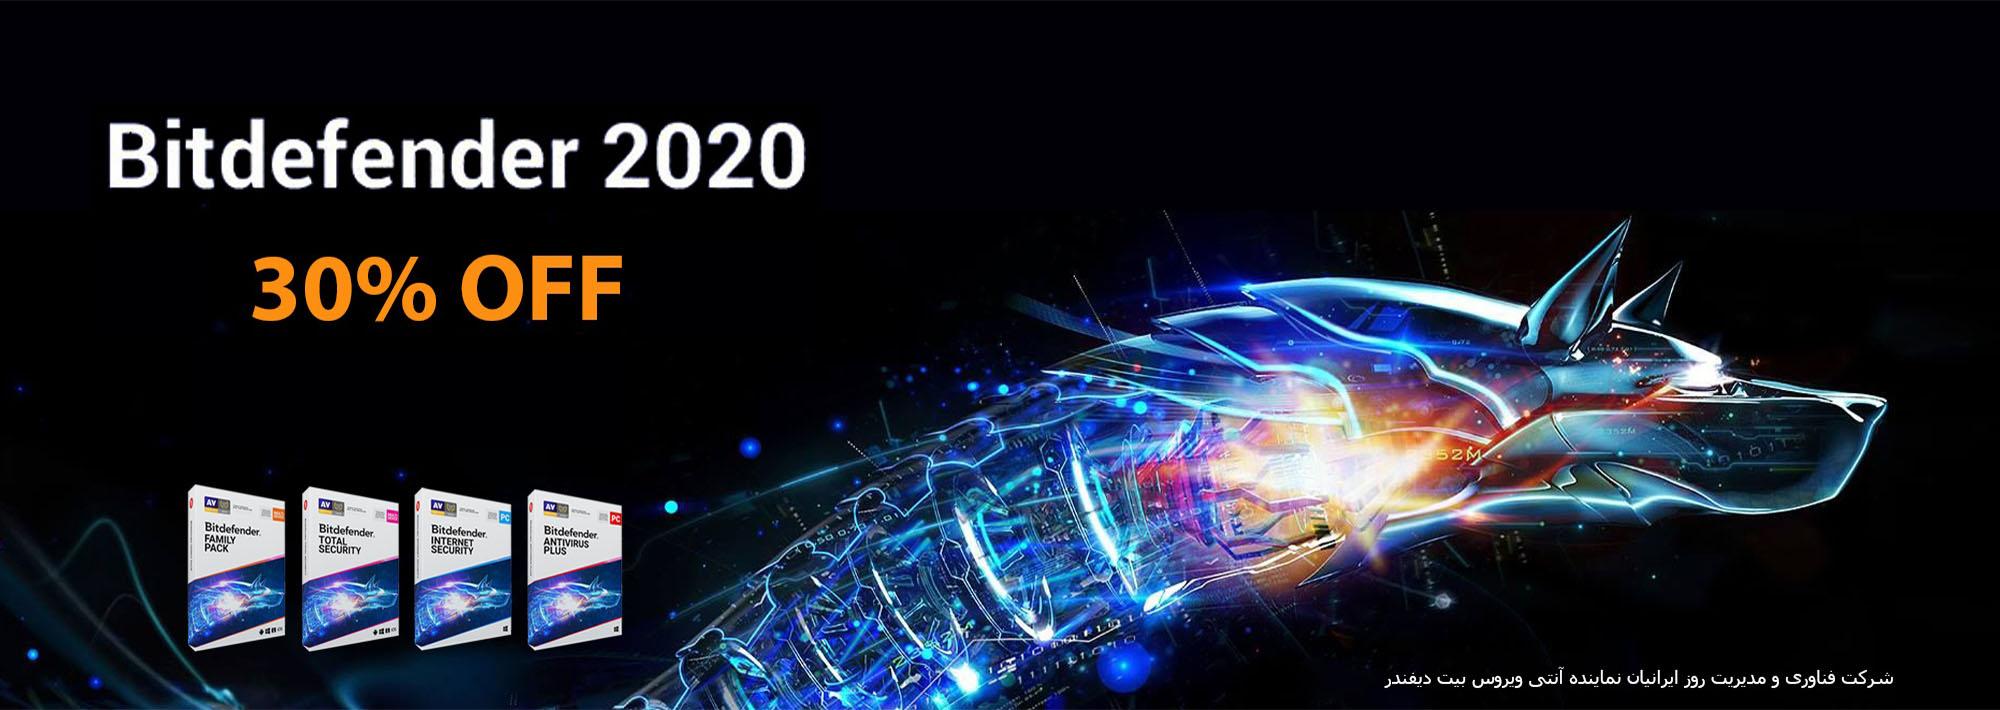 جشنواره ۲۰۲۰